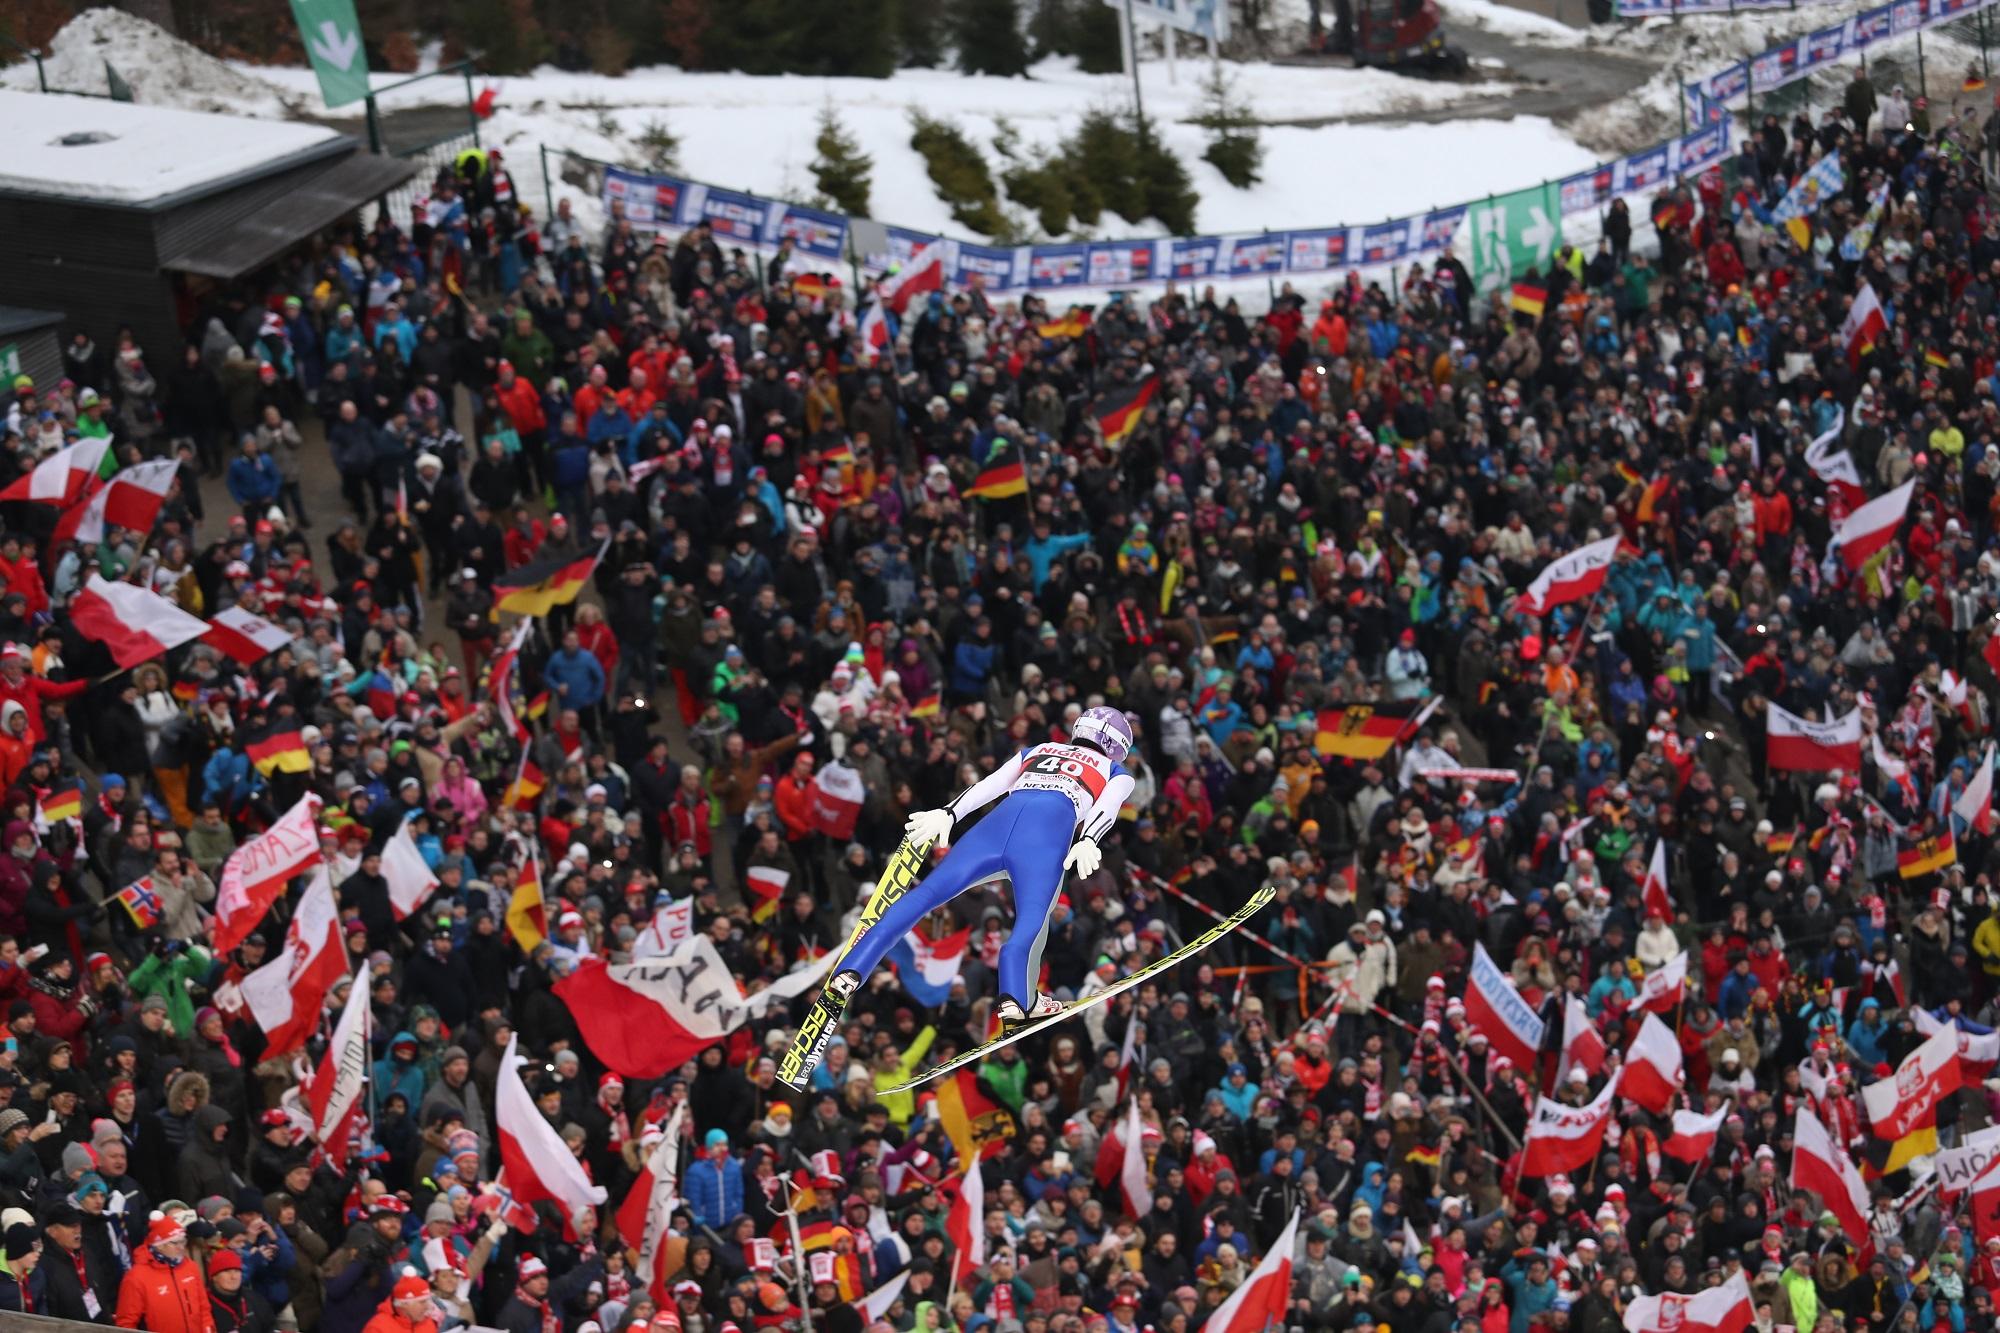 FIS Skisprung Weltcup in der heißen Phase Ski-Club Willingen hofft auf 50.000 Zuschauer